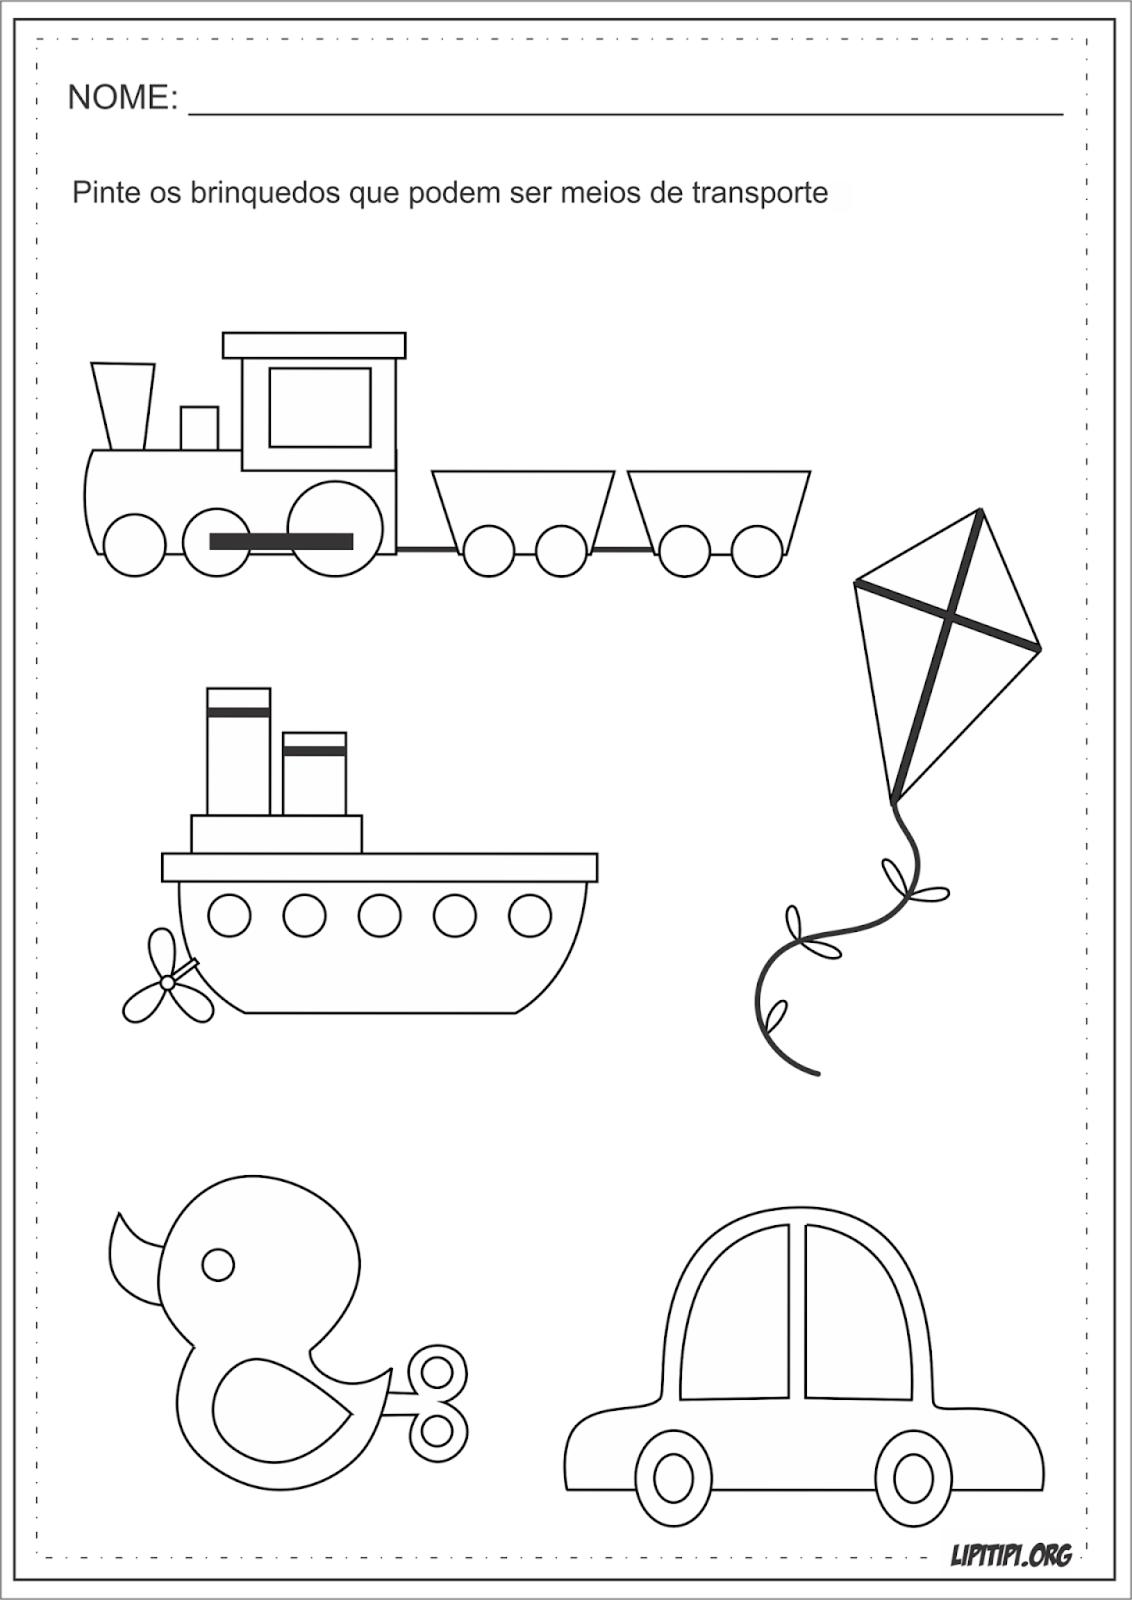 Top Lipitipi- Atividades e Projetos Fundamental I: Meios de Transporte  QH61